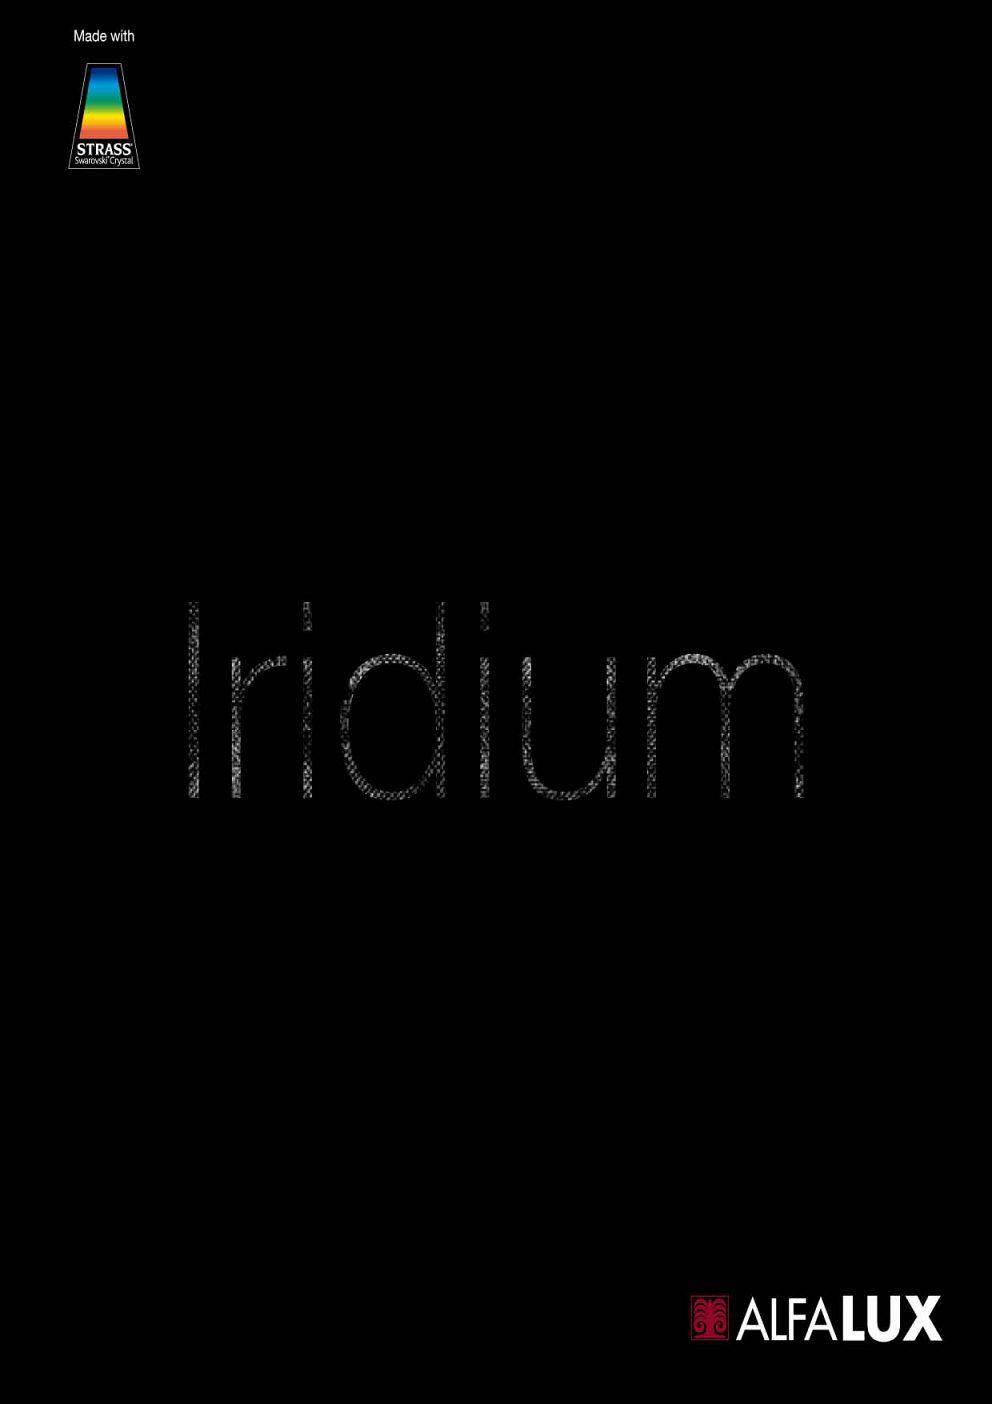 Alfalux - Iridium